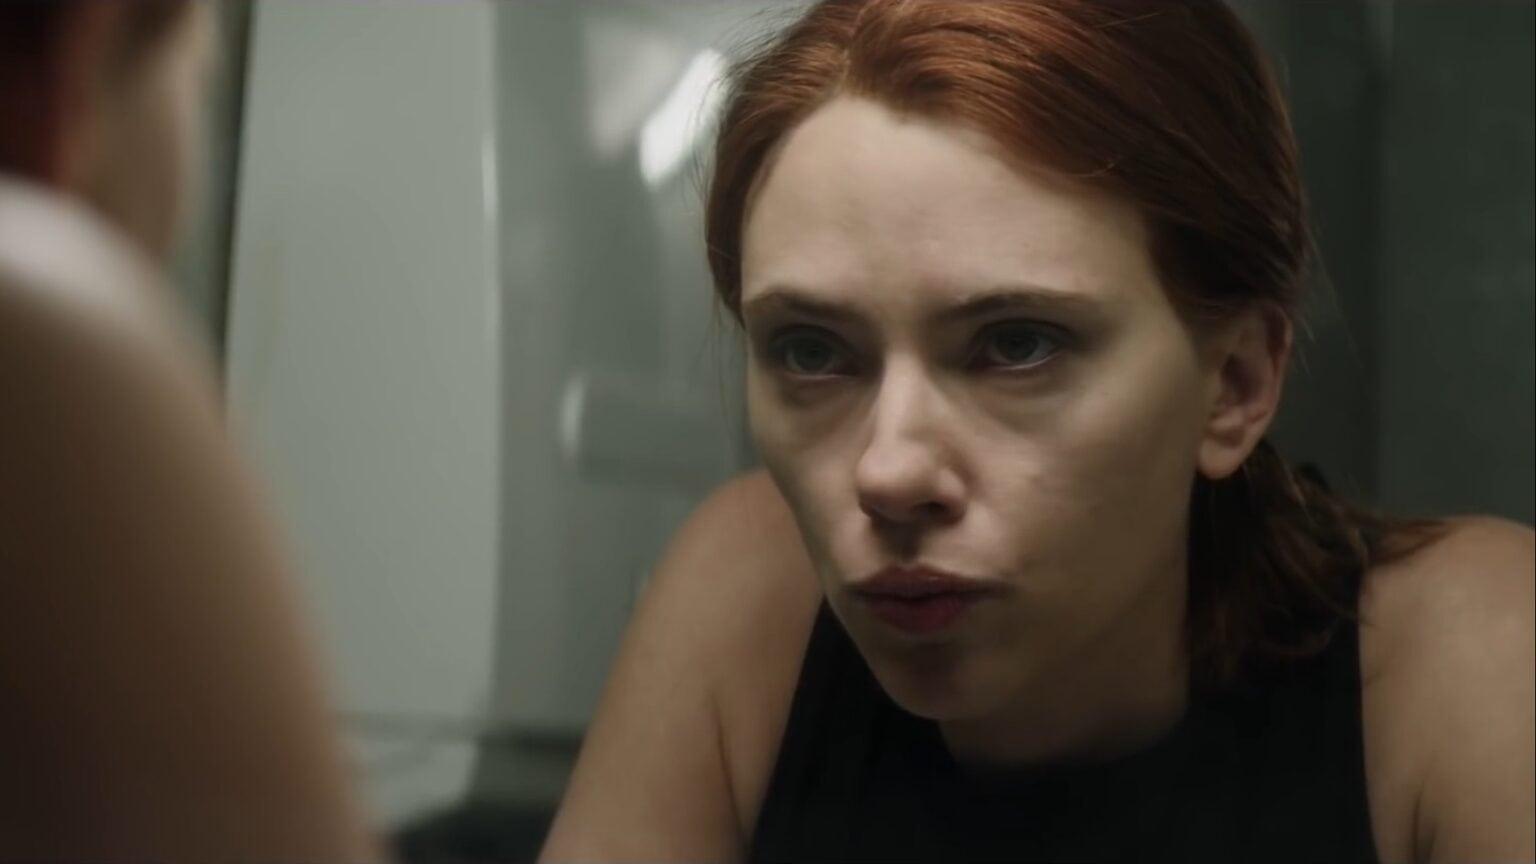 Scarlett Johansson will star in 'Bride' on Apple TV